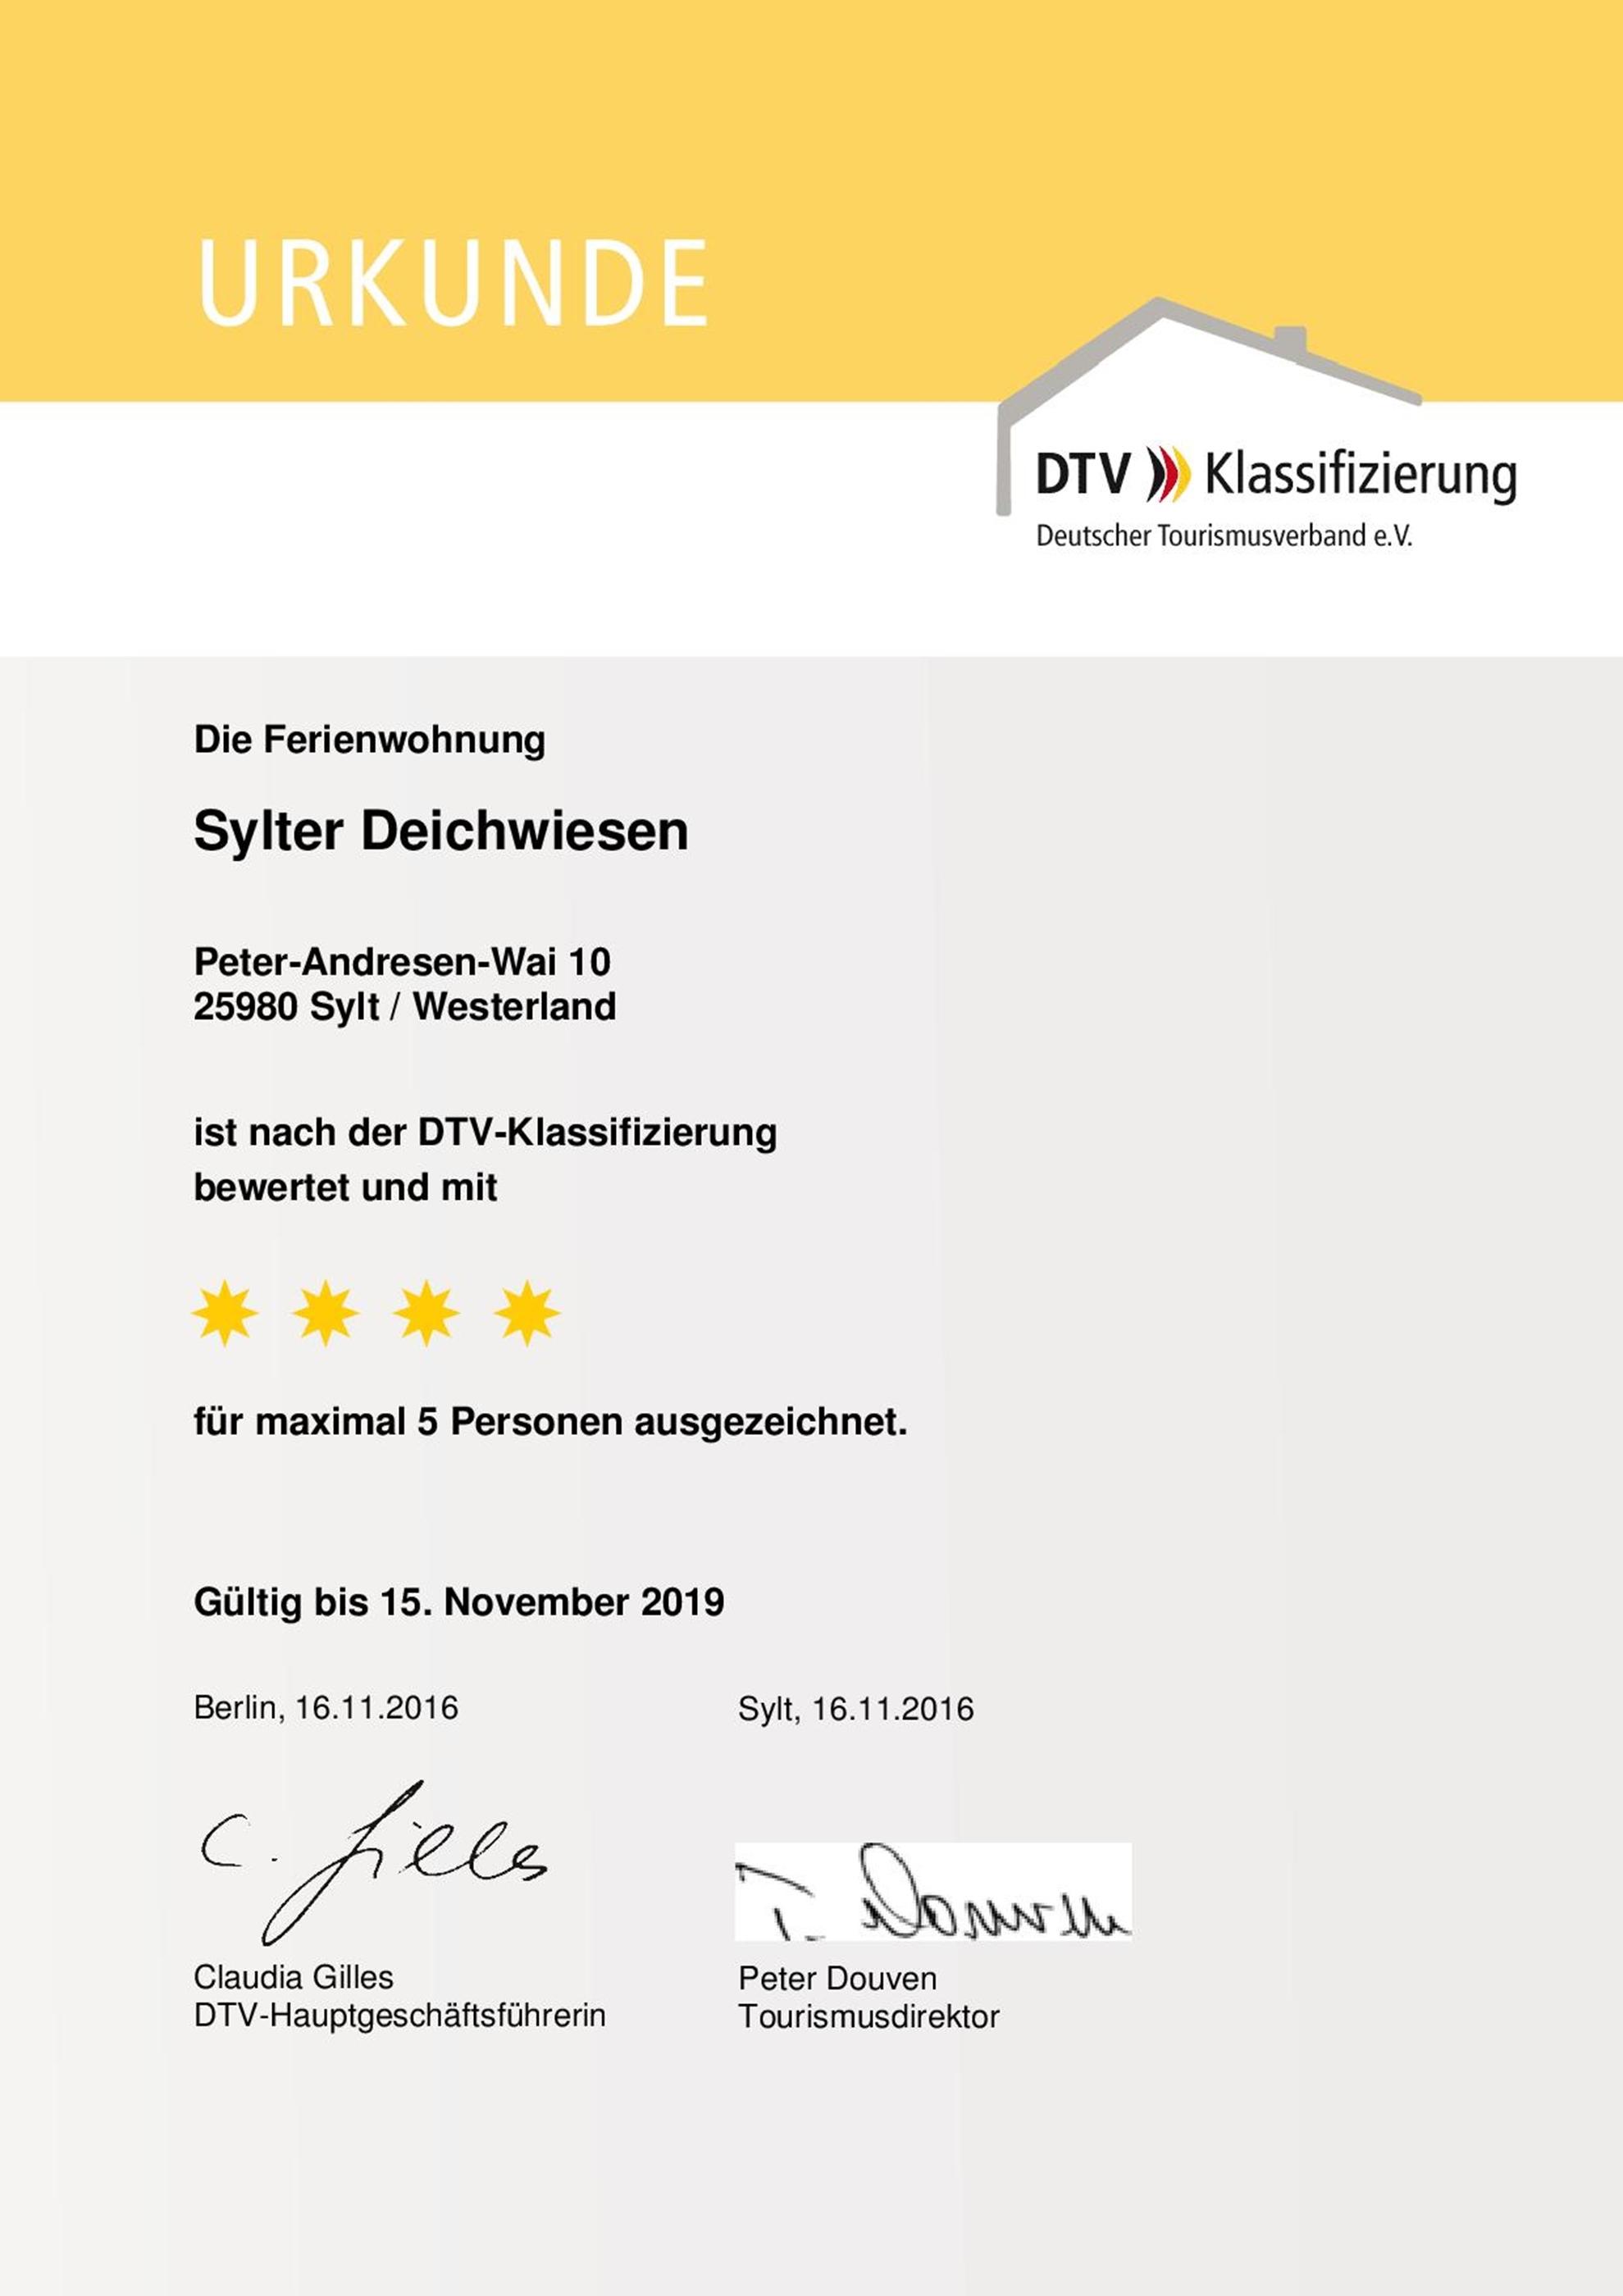 DTV URKUNDE Ferienwohnung auf Sylt Sylter Deichwiesen www.sylter-deichwiesen.de